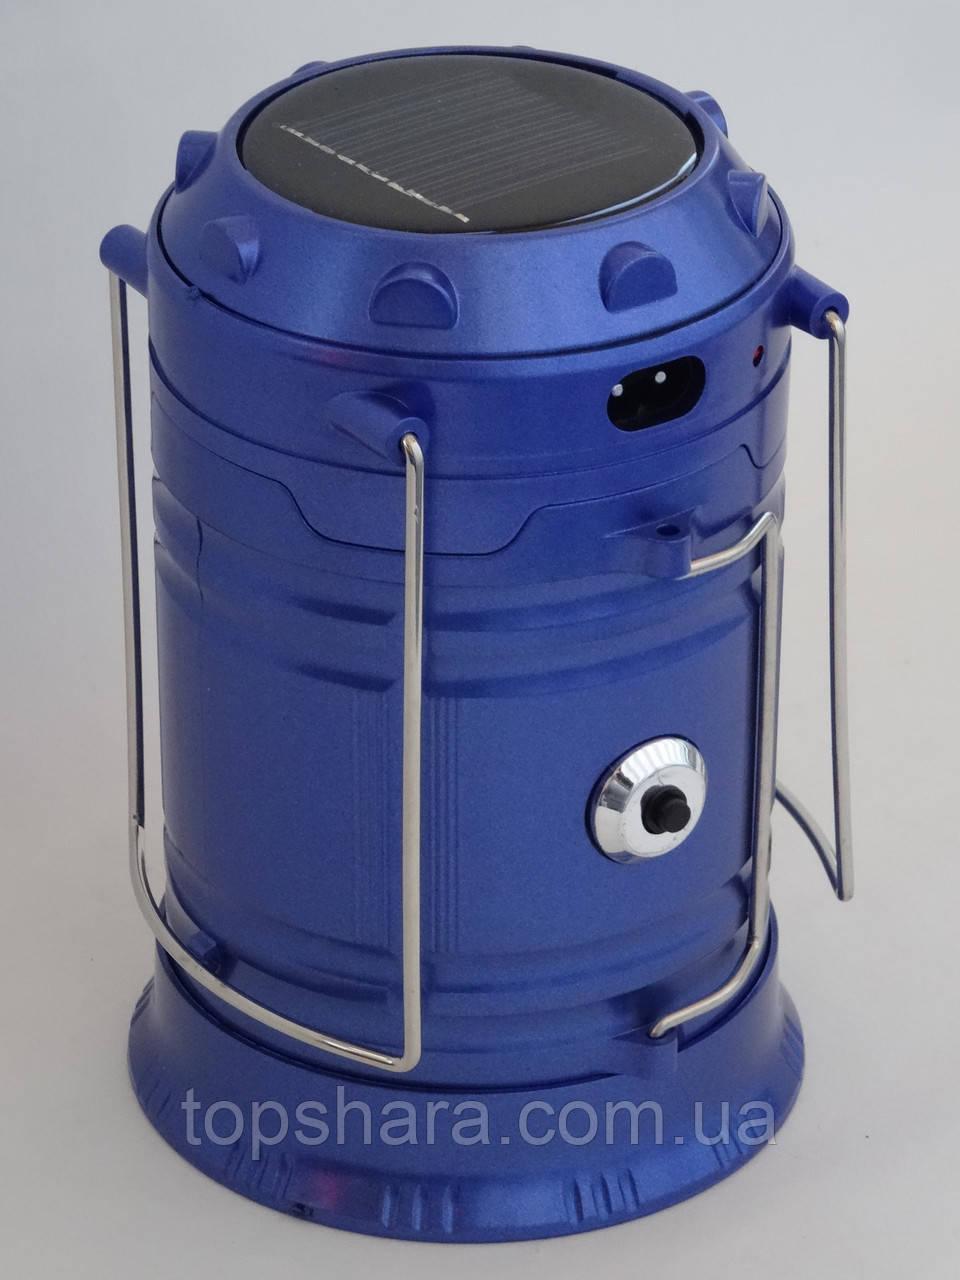 Кемпінговий ліхтар SH-5900T синій